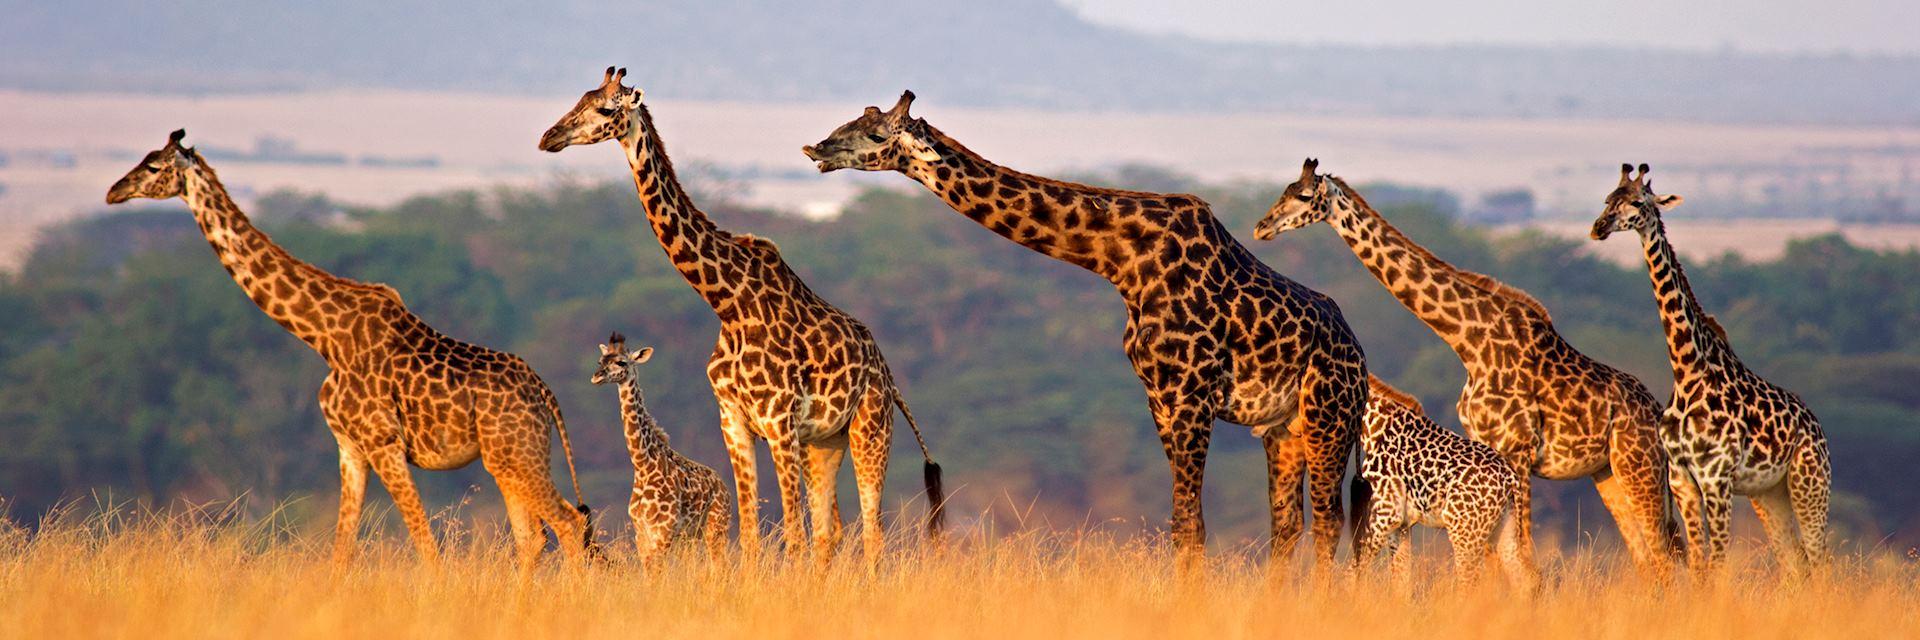 Giraffe family, Africa